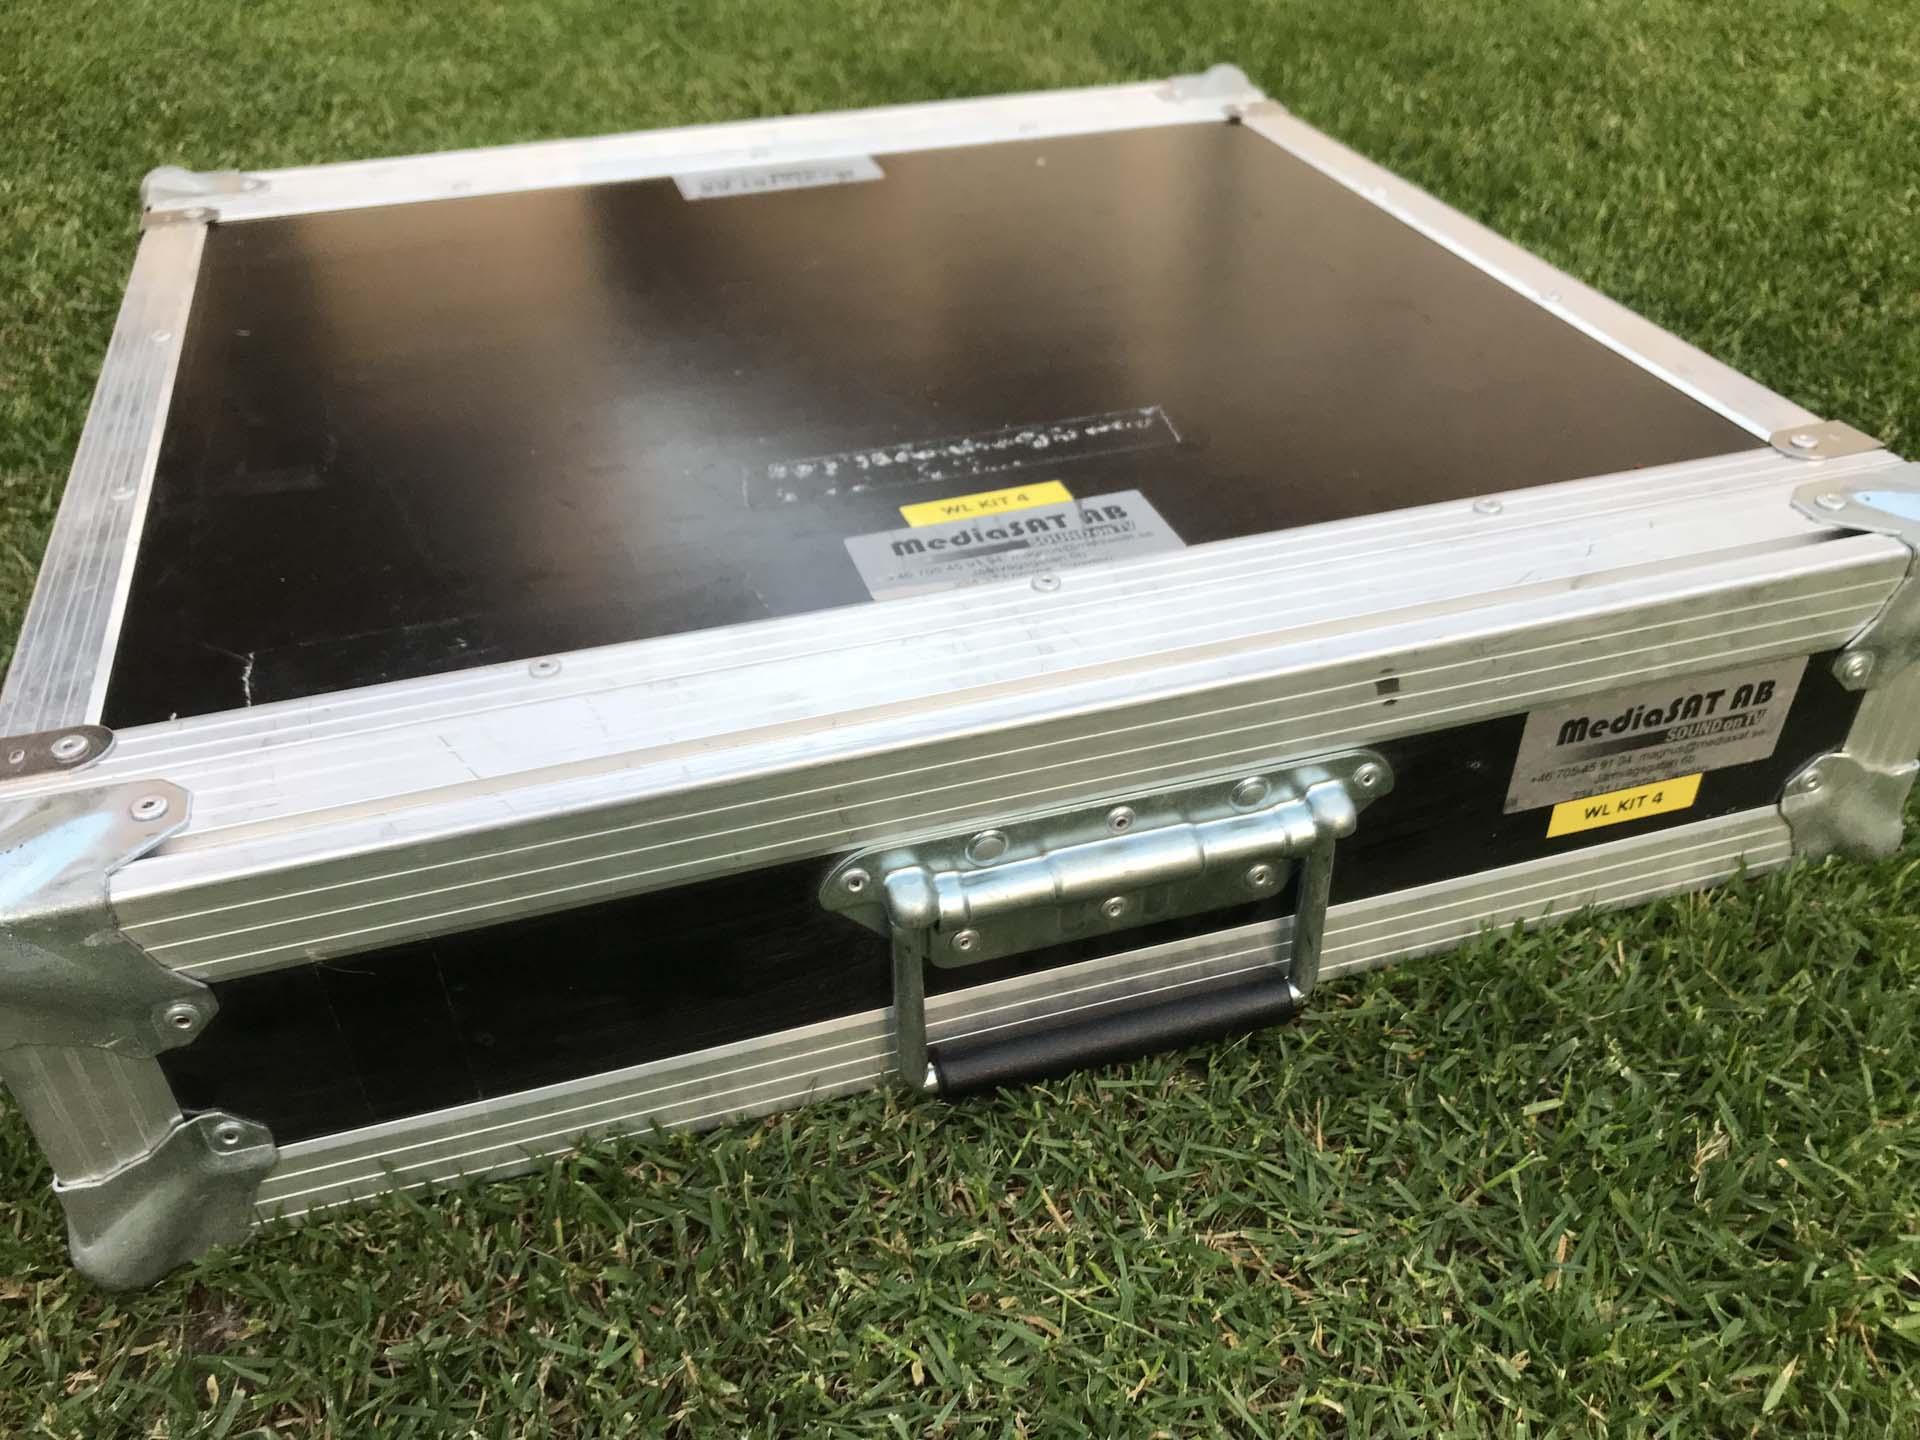 sennheiser ew 300 iem g3 d eu em 300 g3 e eu gearwise used av stage equipment. Black Bedroom Furniture Sets. Home Design Ideas